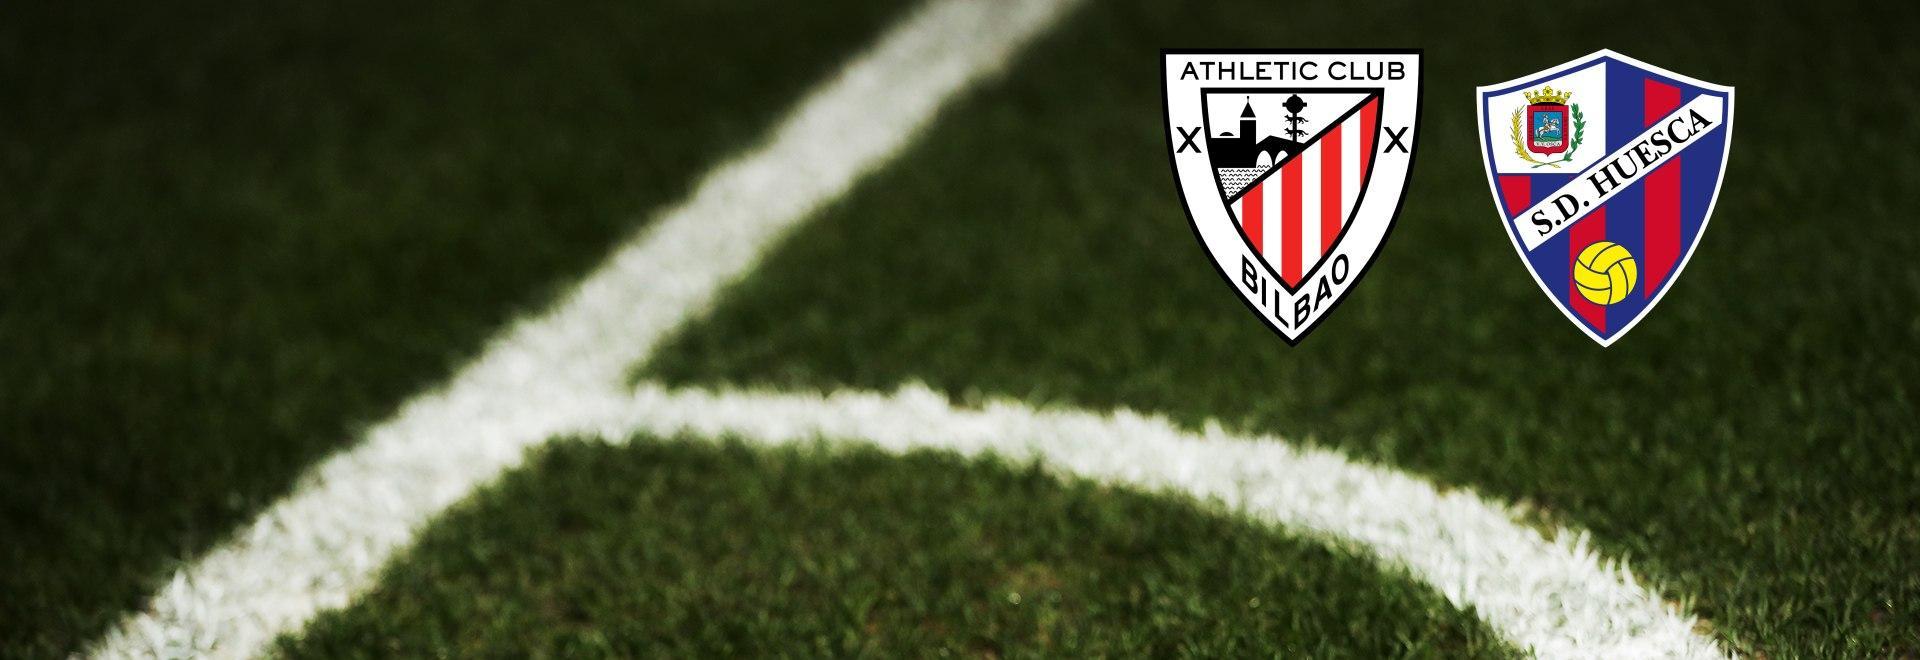 Athletic Club - Huesca. 14a g.